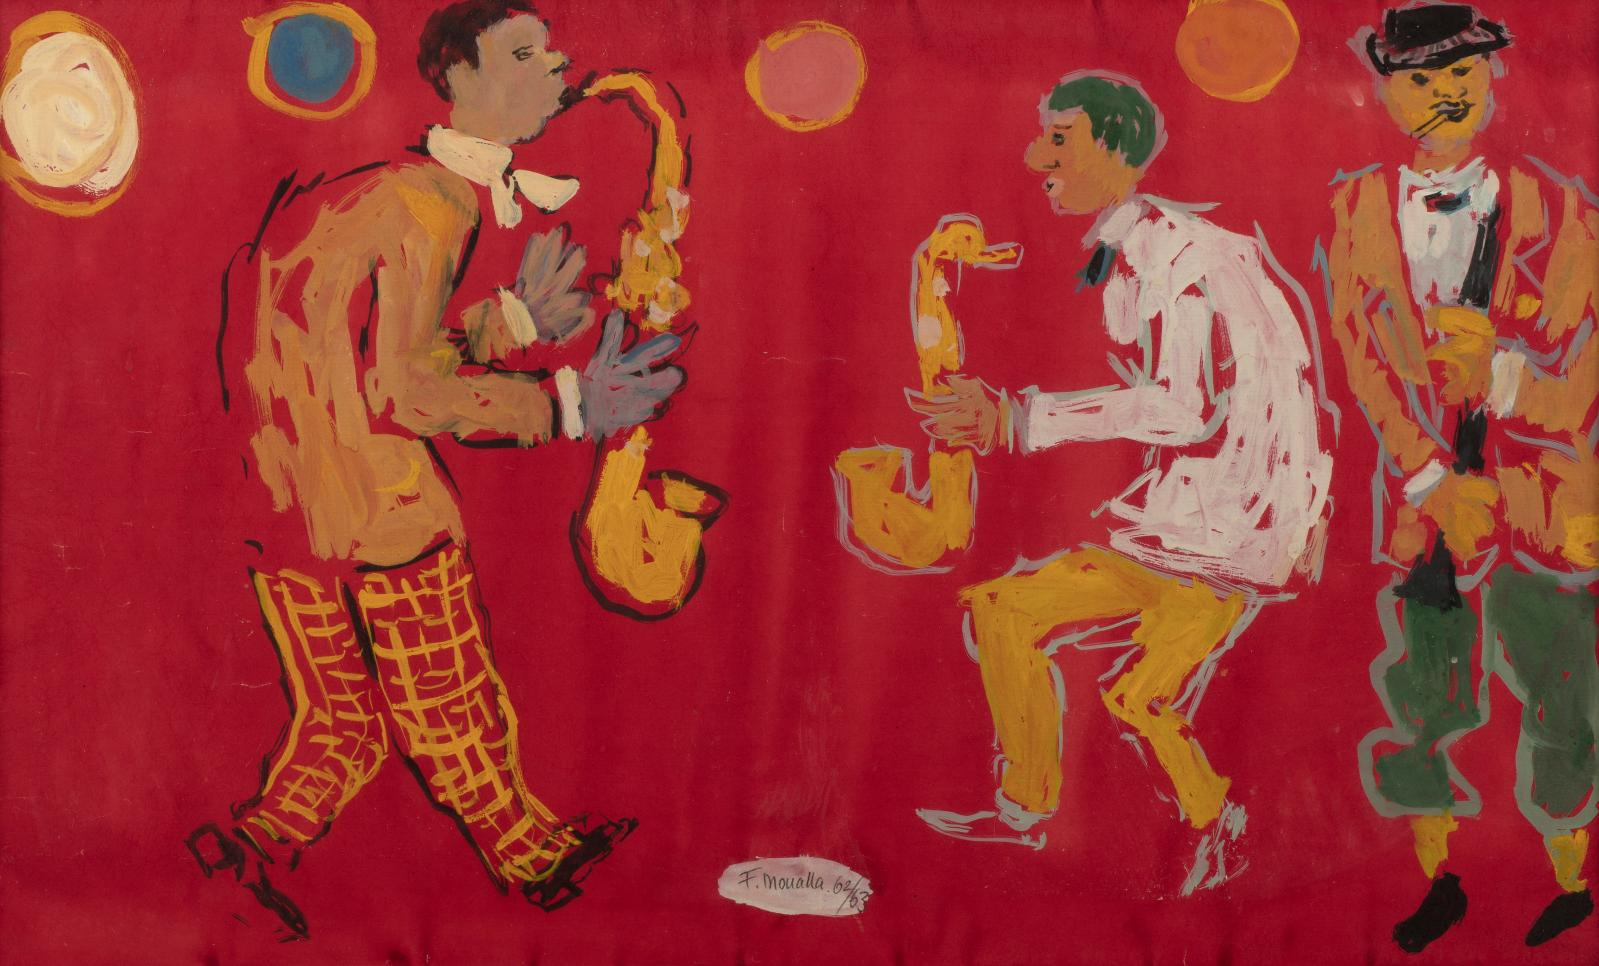 Fikret Moualla (1903-1967), Les Musiciens, 1962-1963, gouache sur papier, 33,5x55cm. Estimation: 2500/3000€